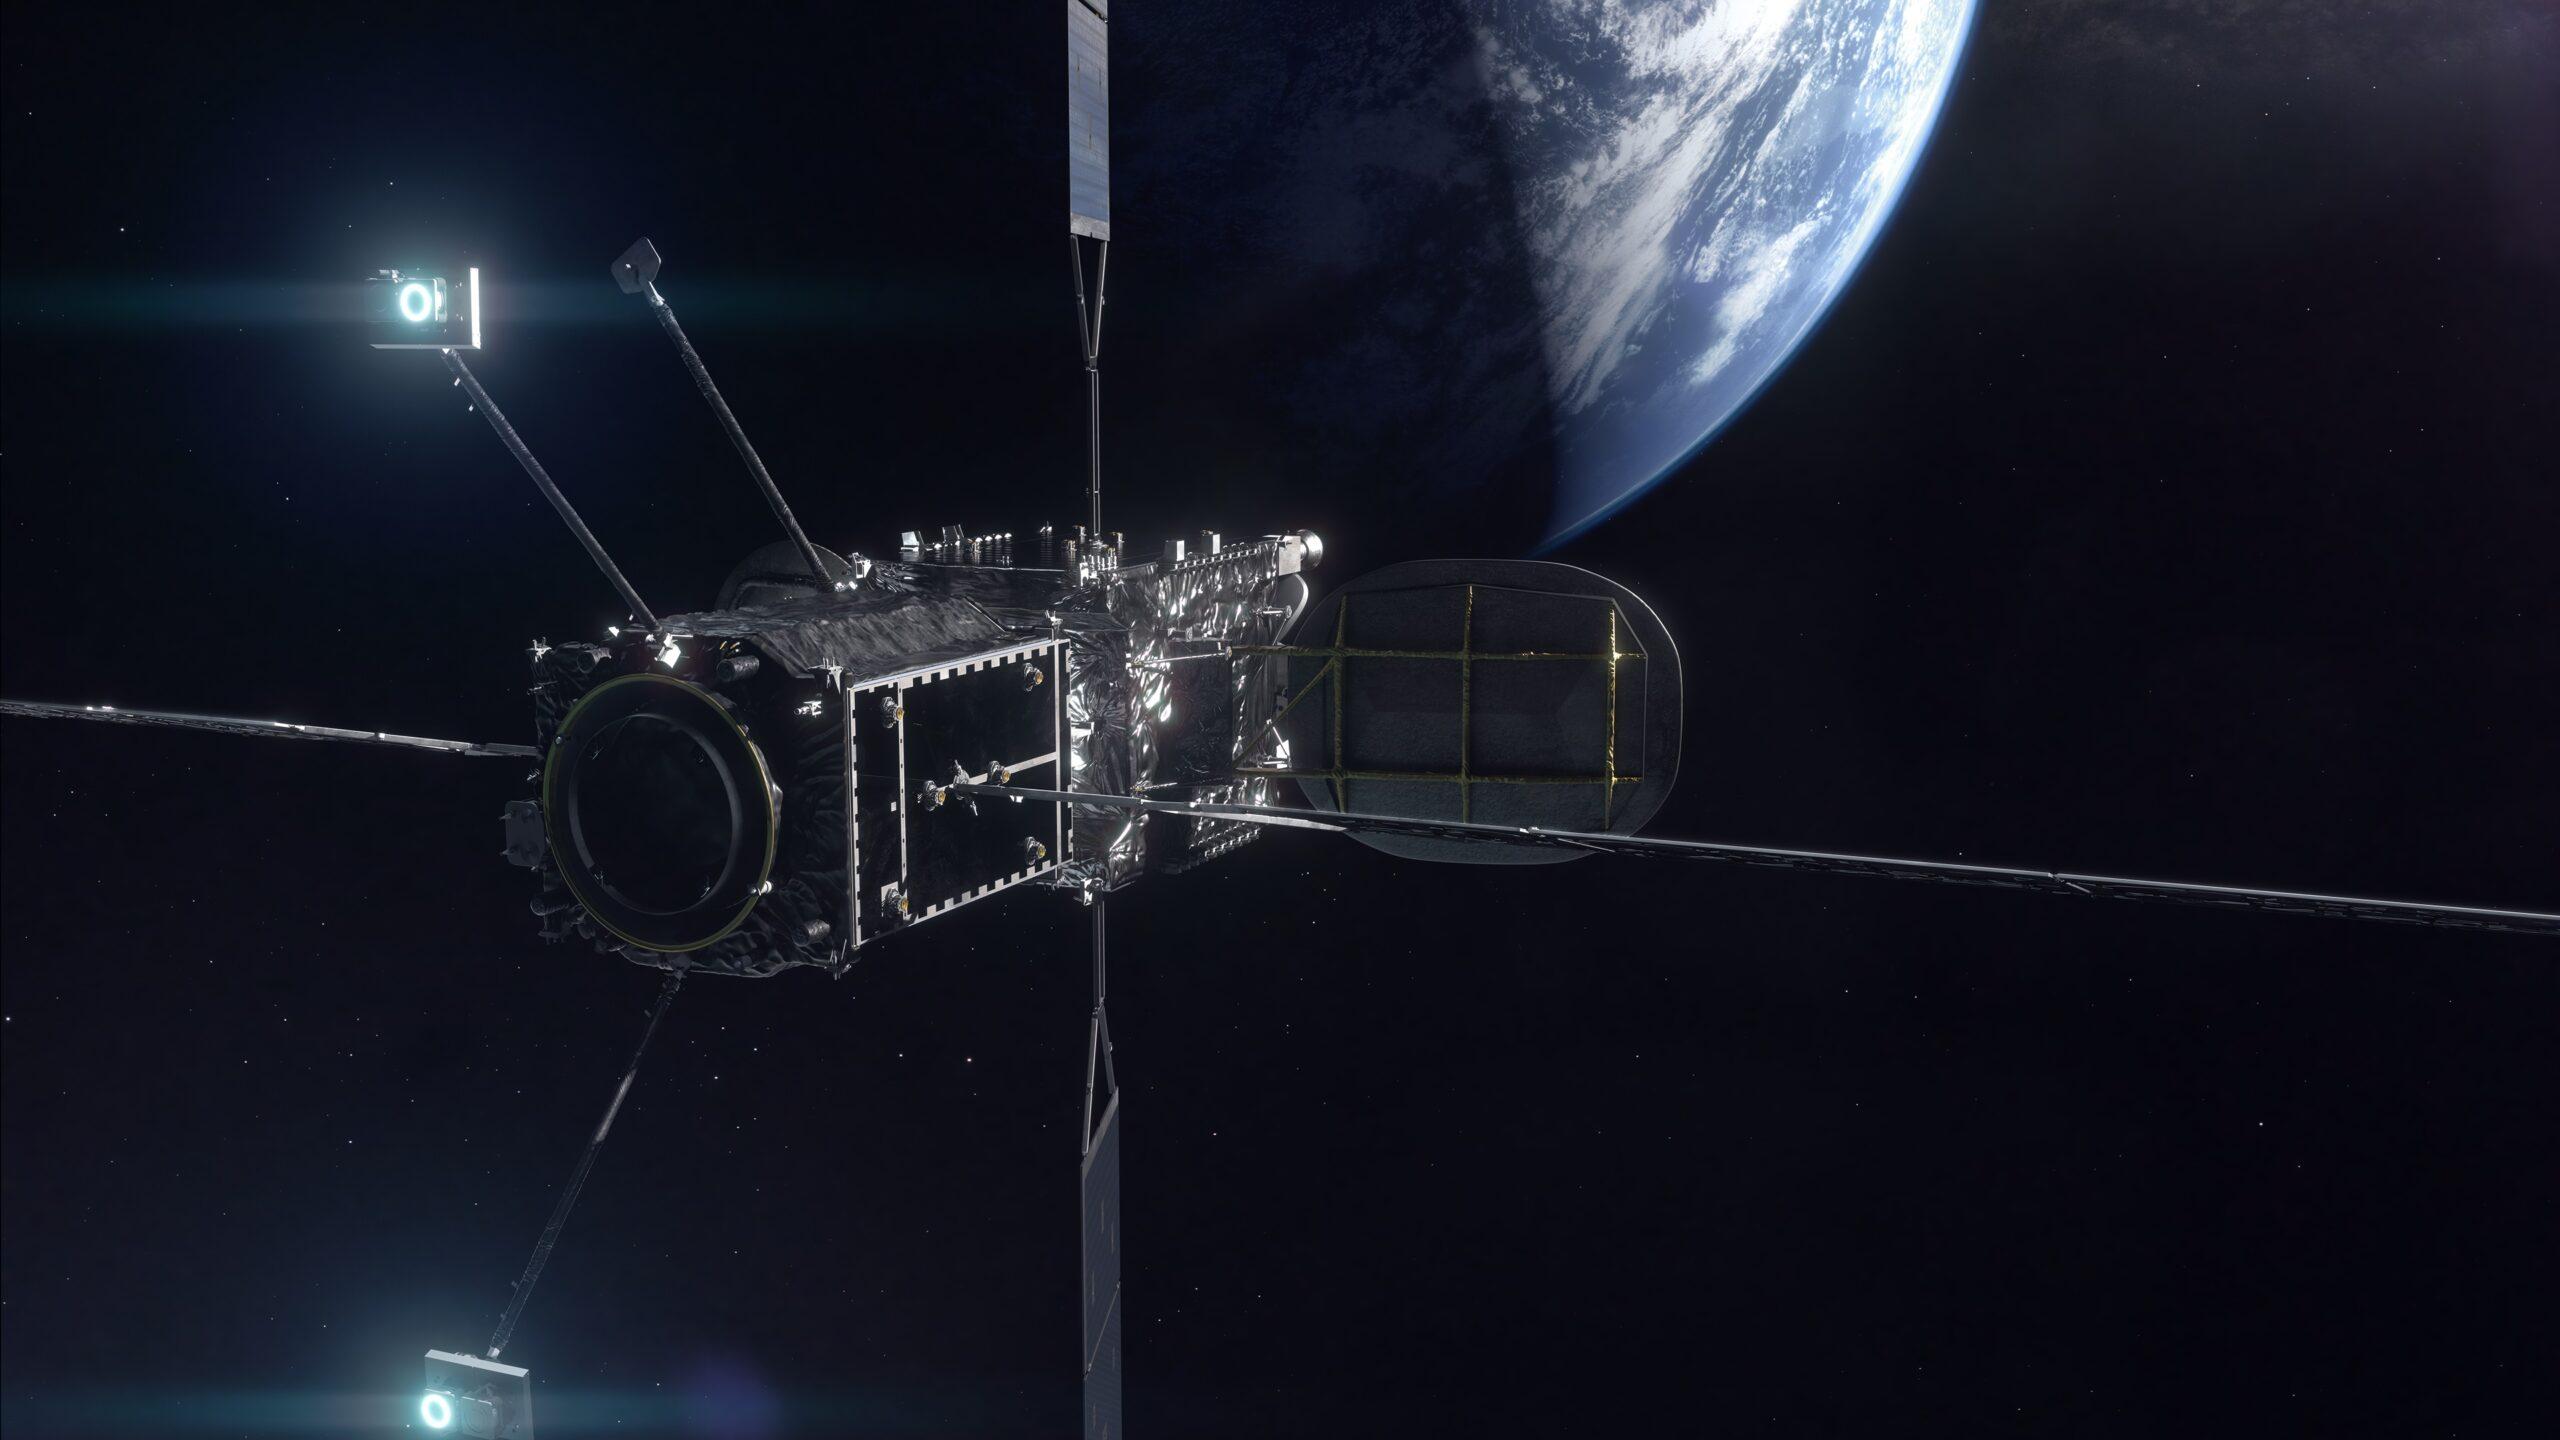 Northrop Grumman запустила на орбиту уже вторую сервисную станцию, которая оживляет спутники связи без топлива